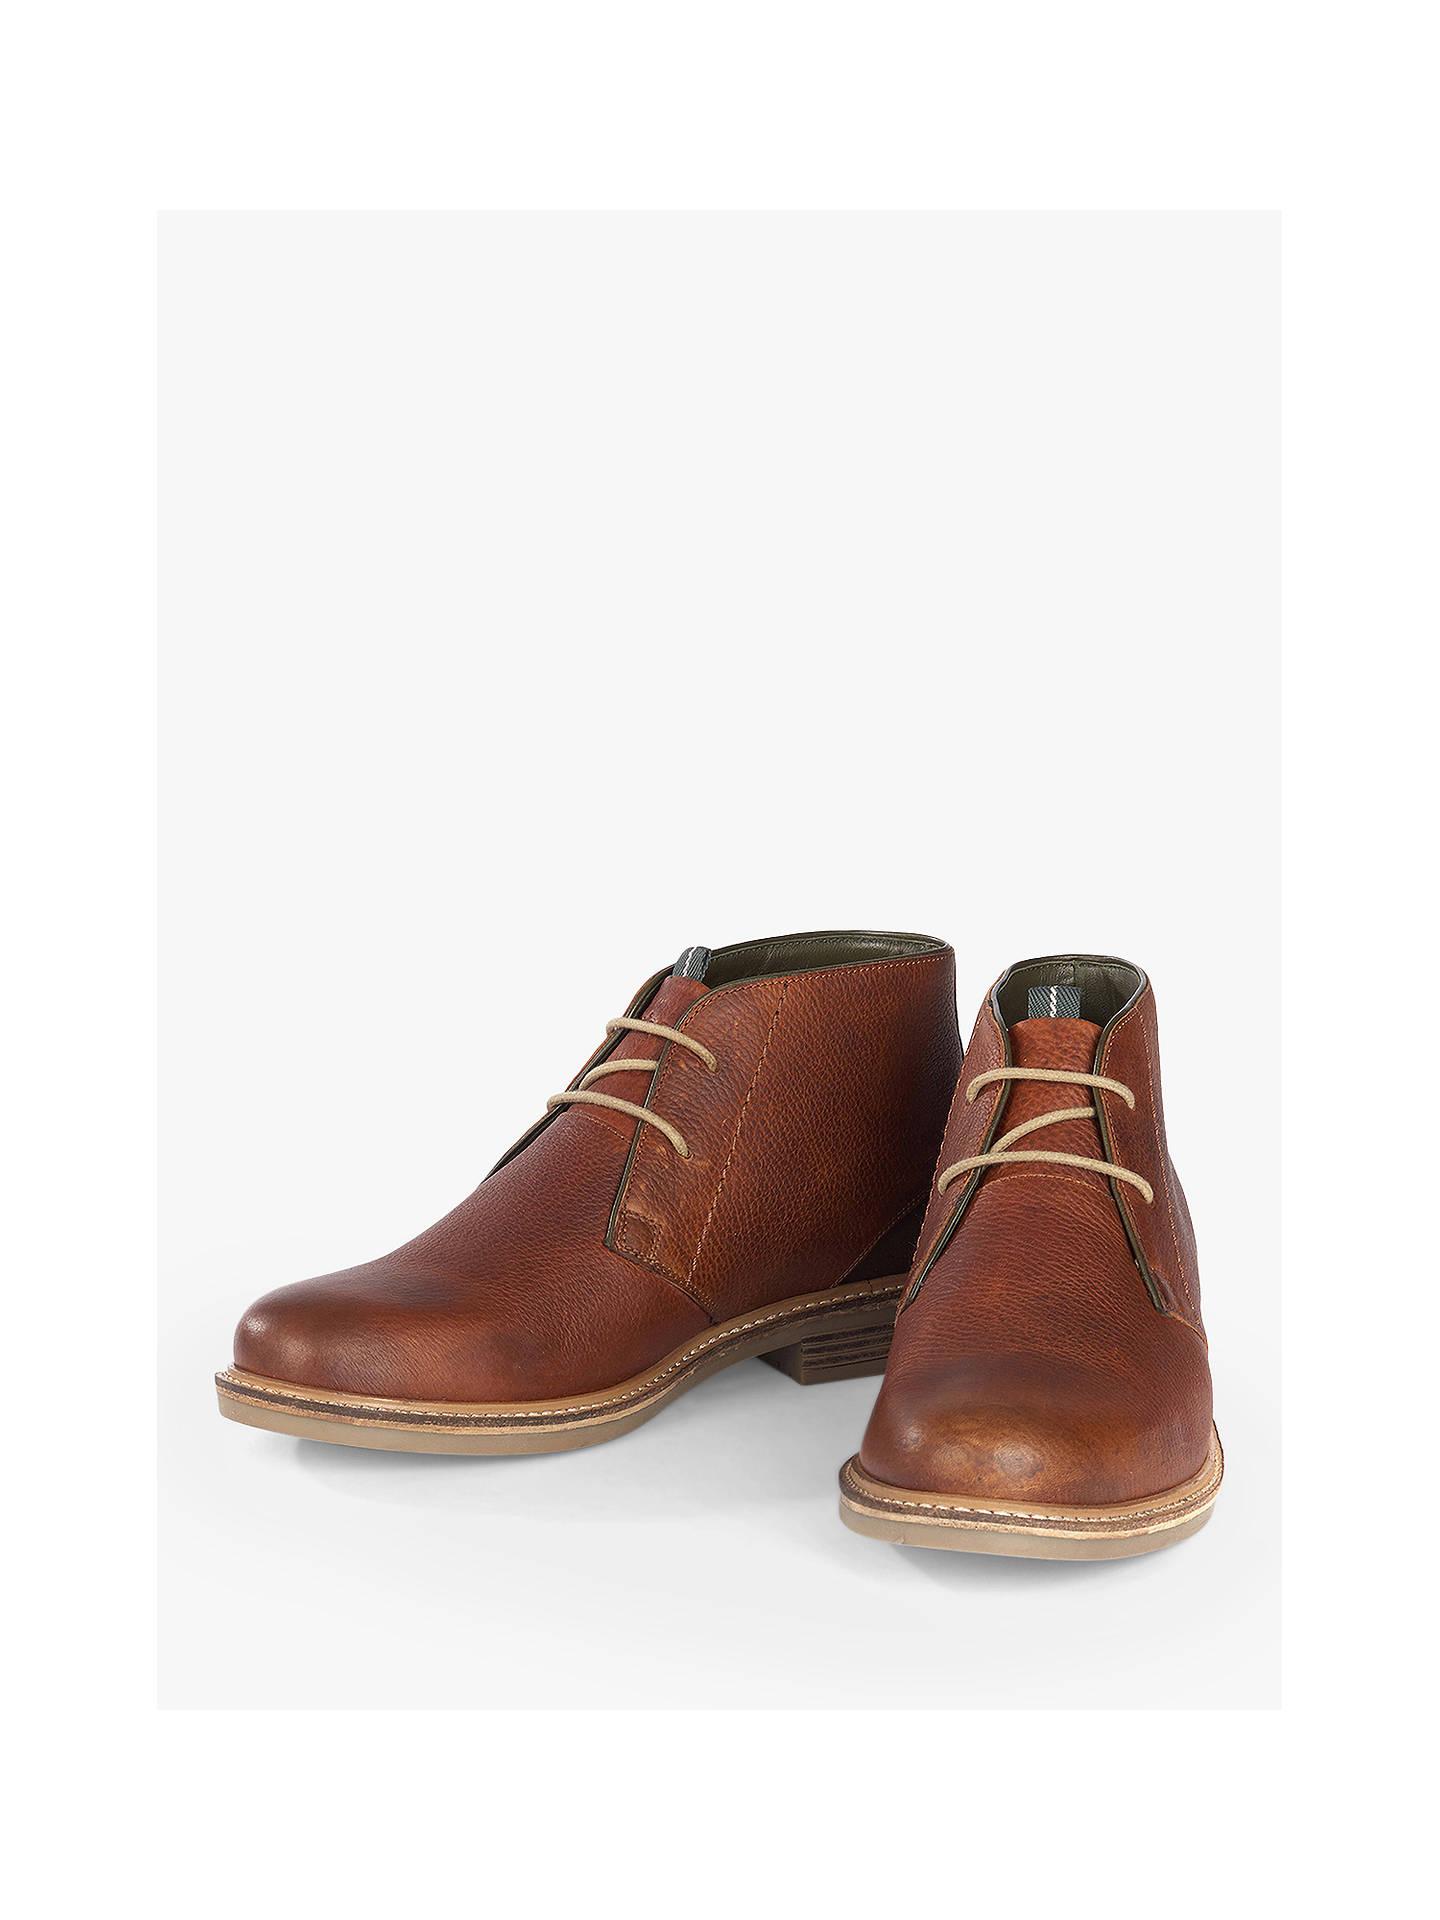 e98a44498aa Barbour Readhead Chukka Boots, Cognac